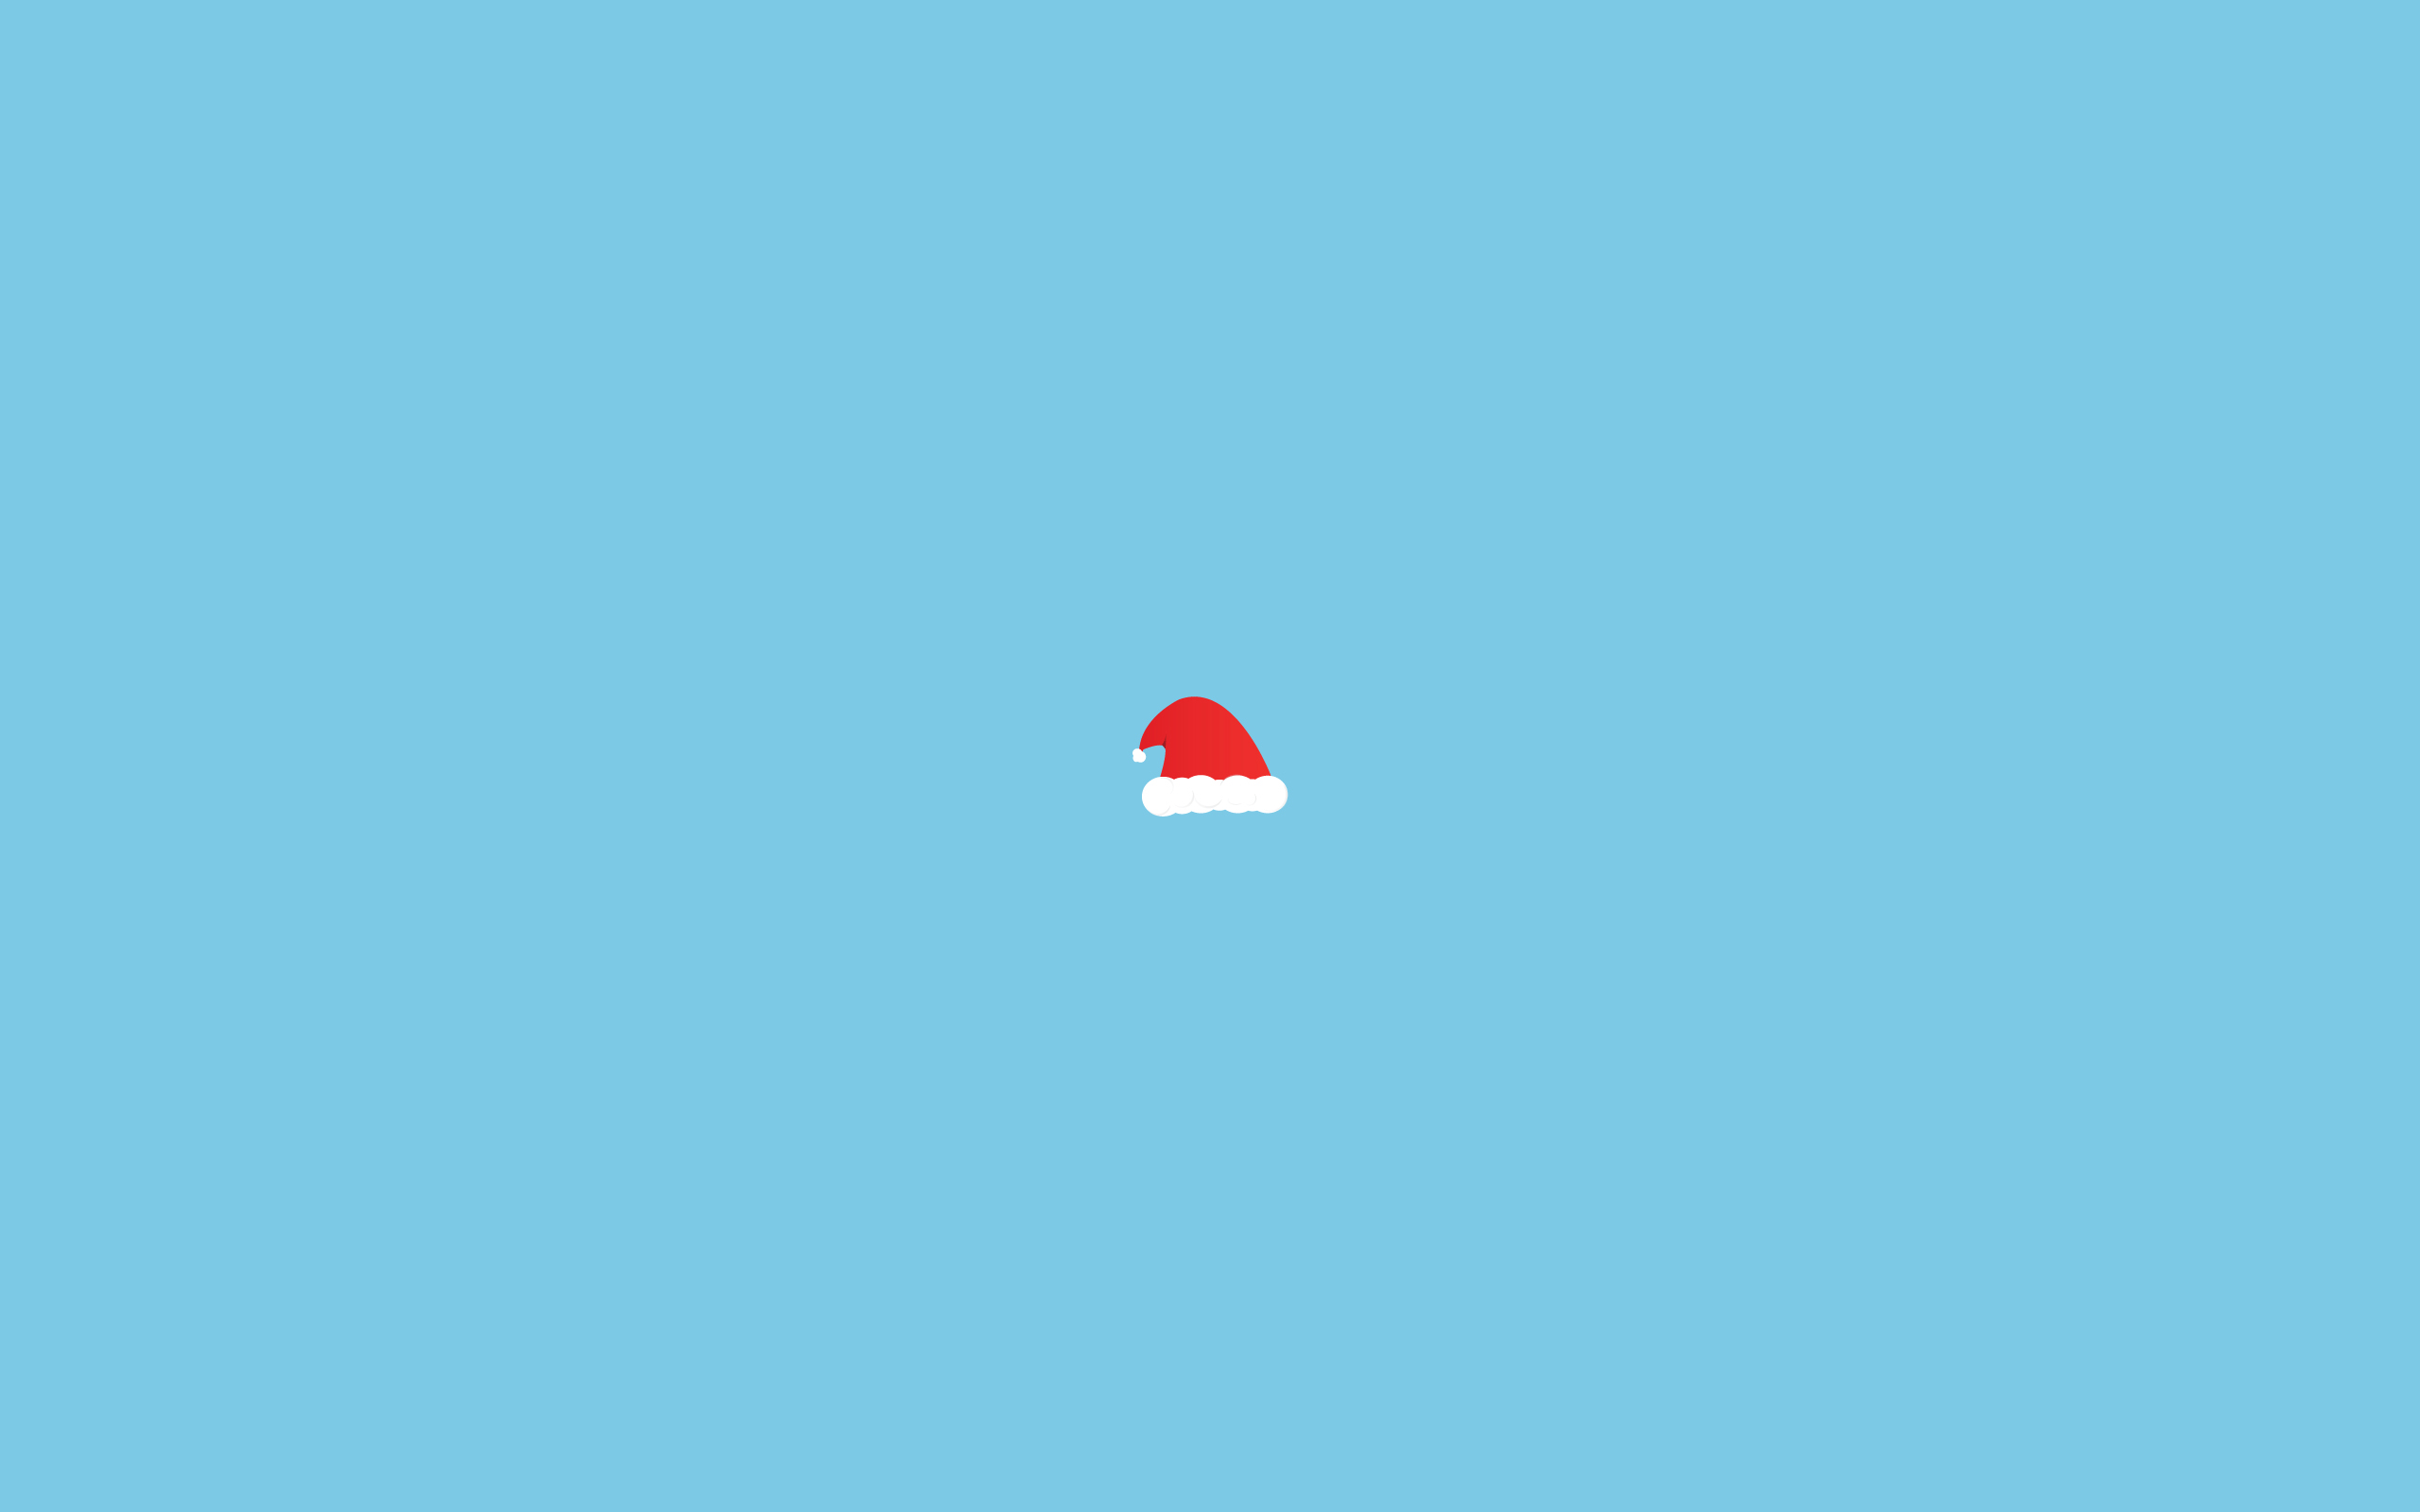 Simple Christmas Desktop Wallpapers Top Free Simple